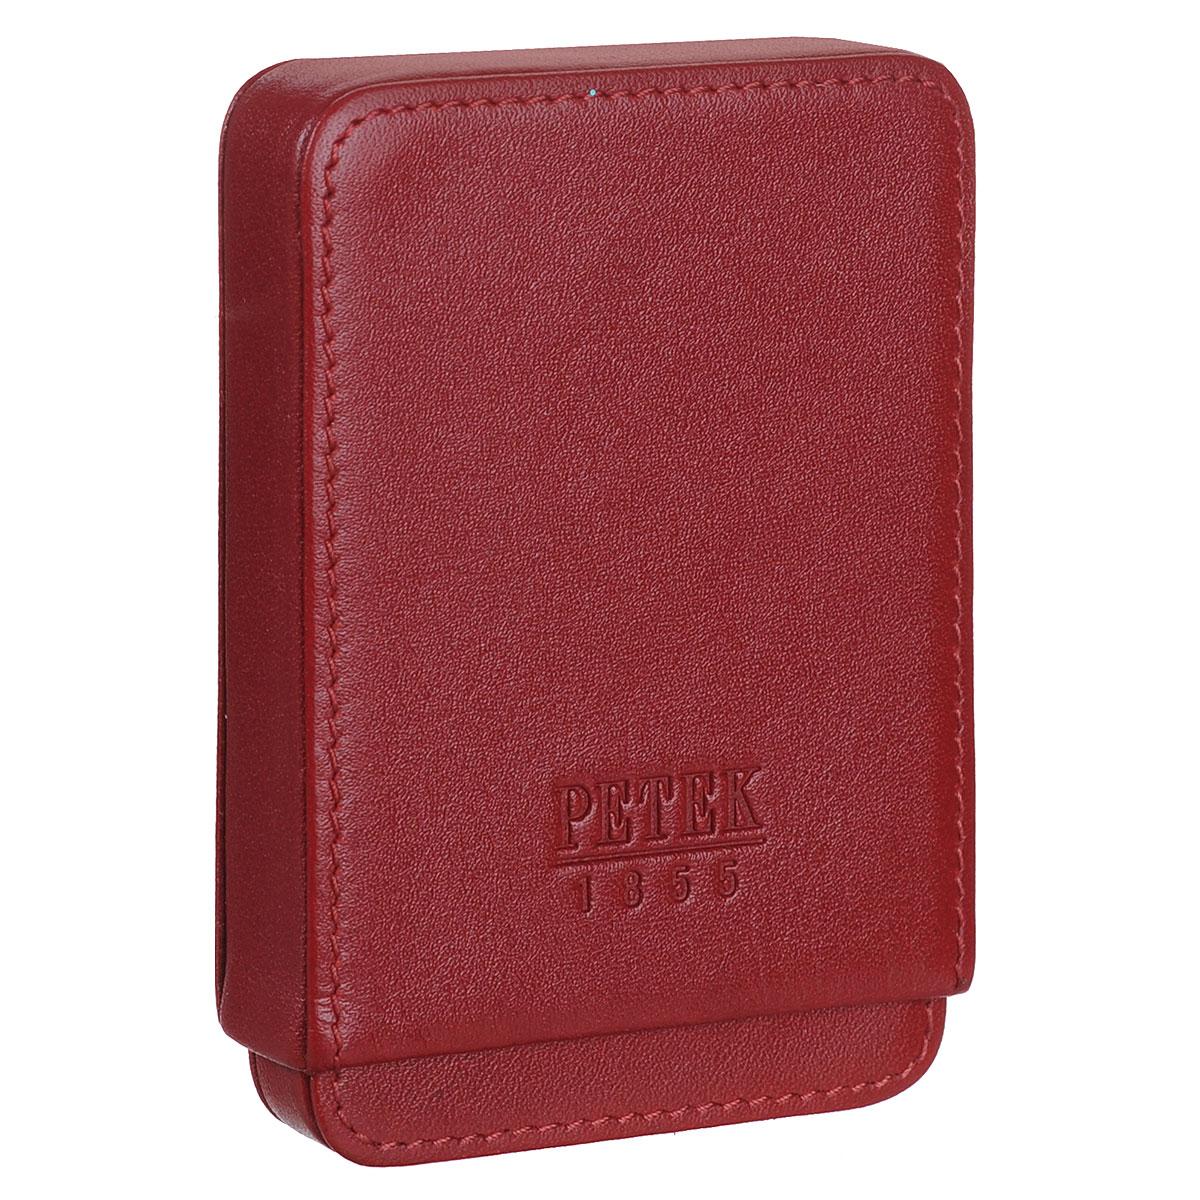 Визитница Petek, цвет: красный. 616.4000.10616.4000.10 RedКомпактная визитница Petek выполнена из высококачественной натуральной кожи с гладкой поверхностью. Визитница представляет собой футляр. Изделие упаковано в коробку с логотипом брэнда. Сдержанность, продуманный дизайн, прекрасная подача стильных атрибутов образа не оставит вас равнодушным.